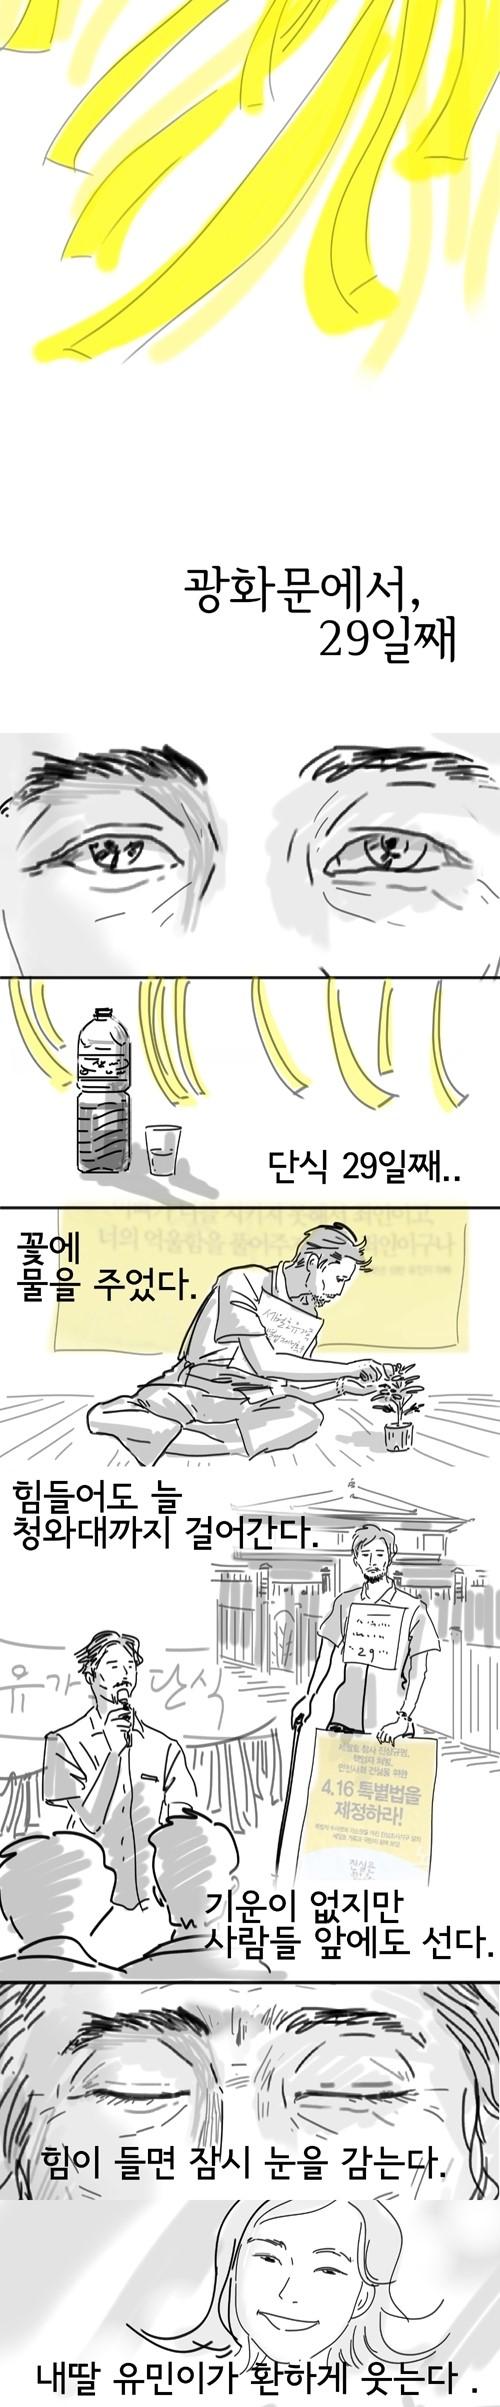 """강숙 작가, 단식 32일째 김영오씨 위한 웹툰 제작 """"아빠는 혼자가 아니야"""""""